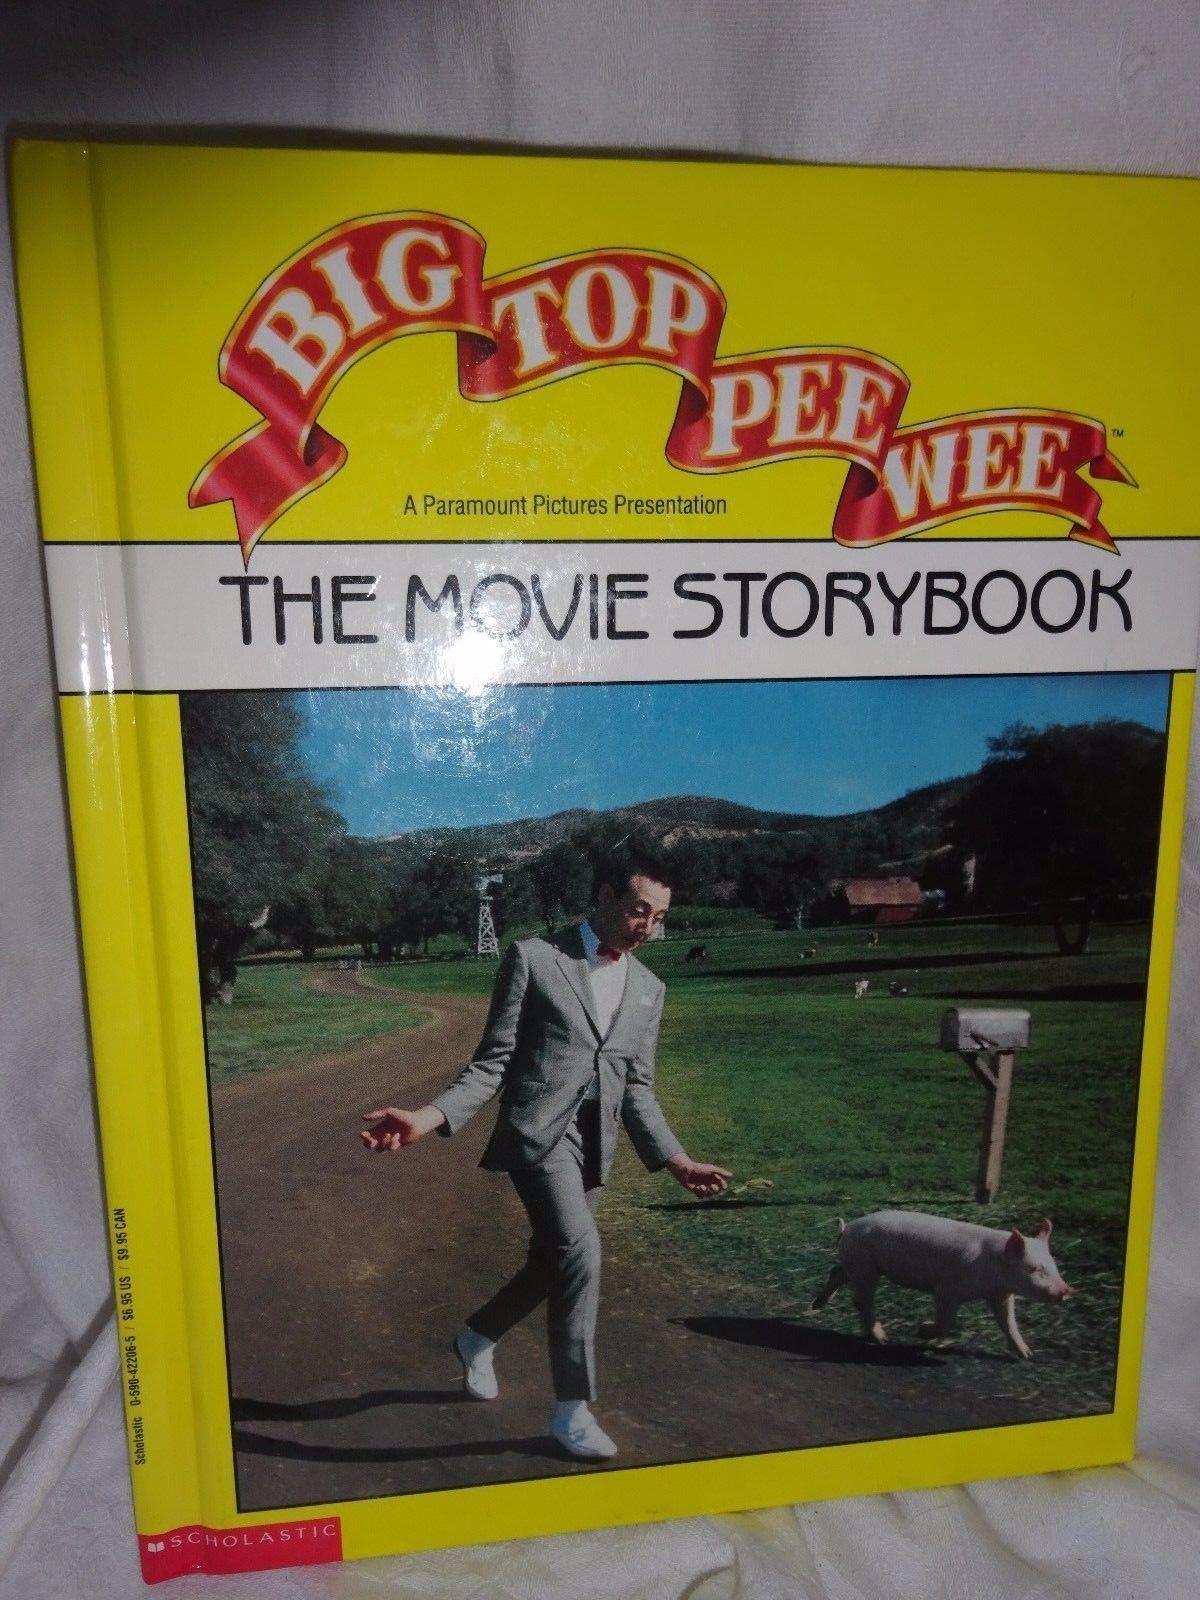 Big Top Pee Wee The Movie Storybook Pee Wee Herman Picture Book HC 1988 | eBay